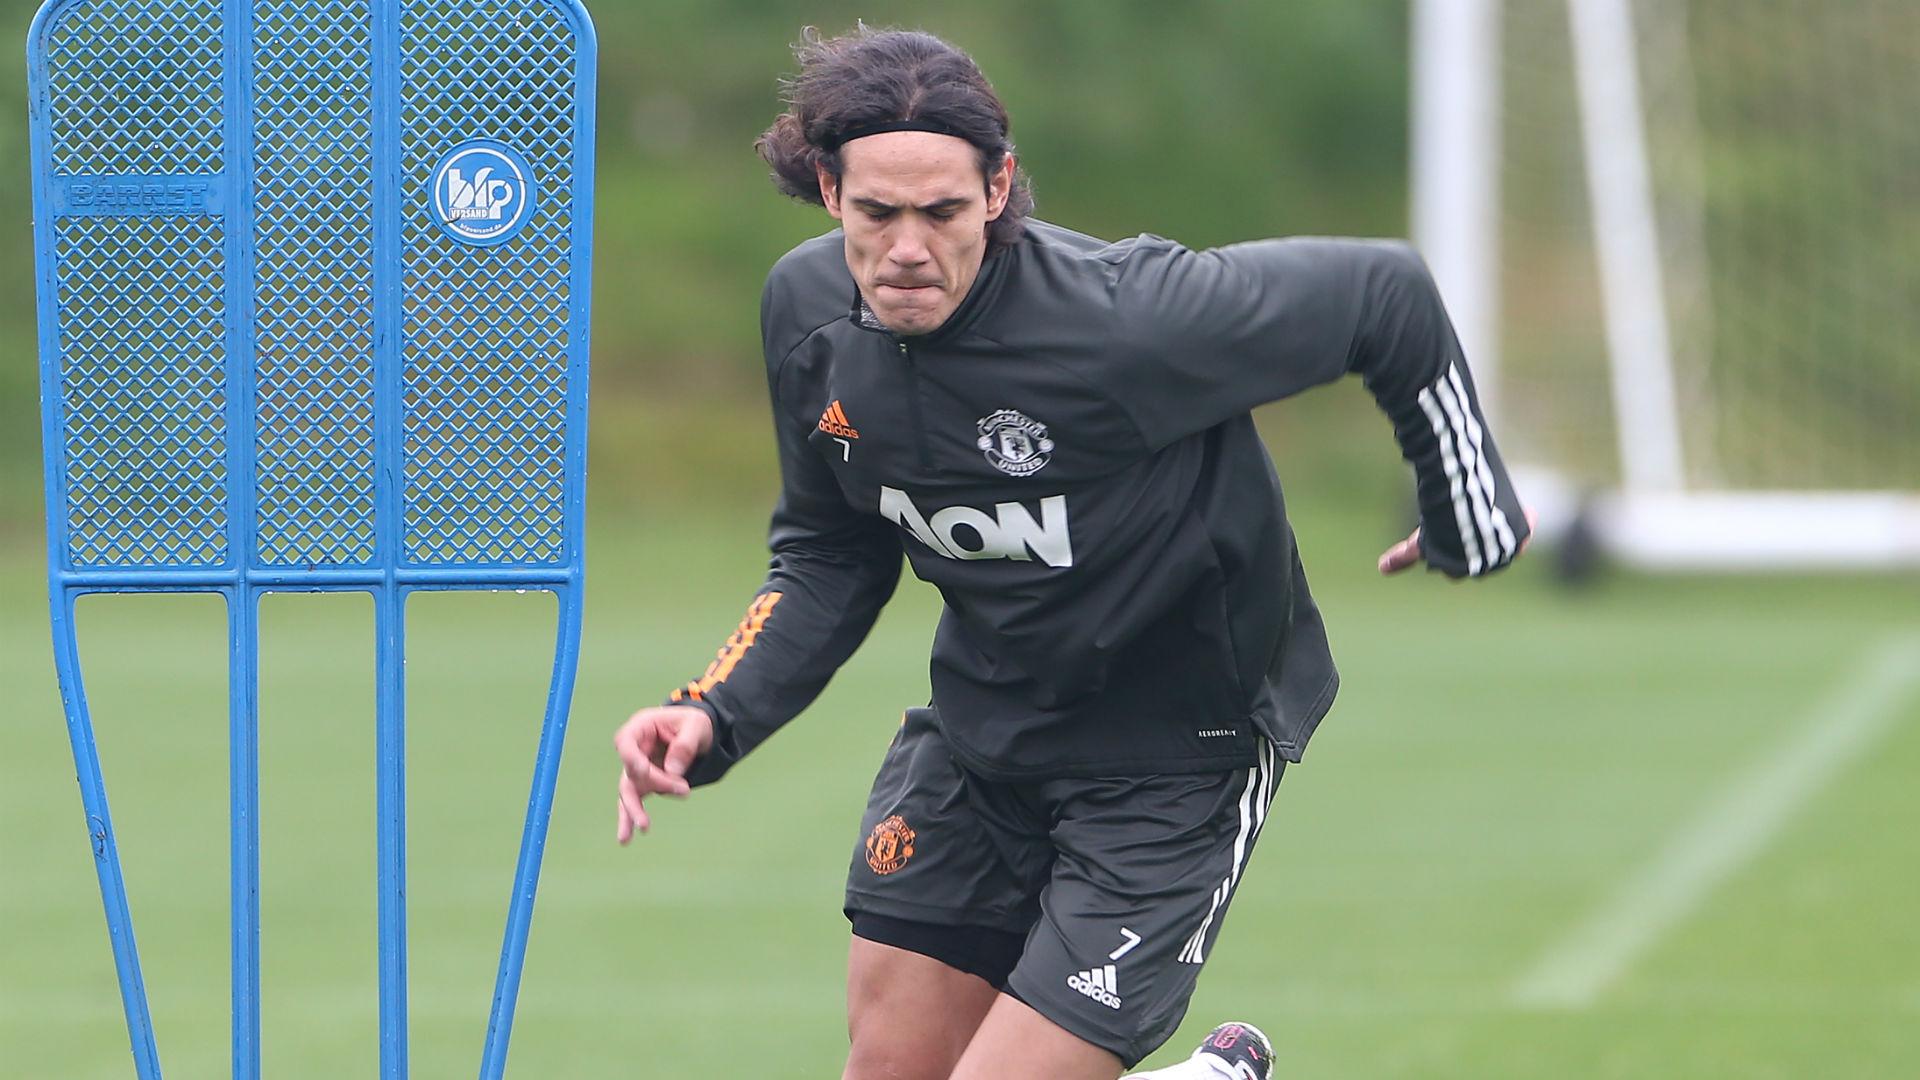 Cavani trains with Man Utd team-mates ahead of PSG game